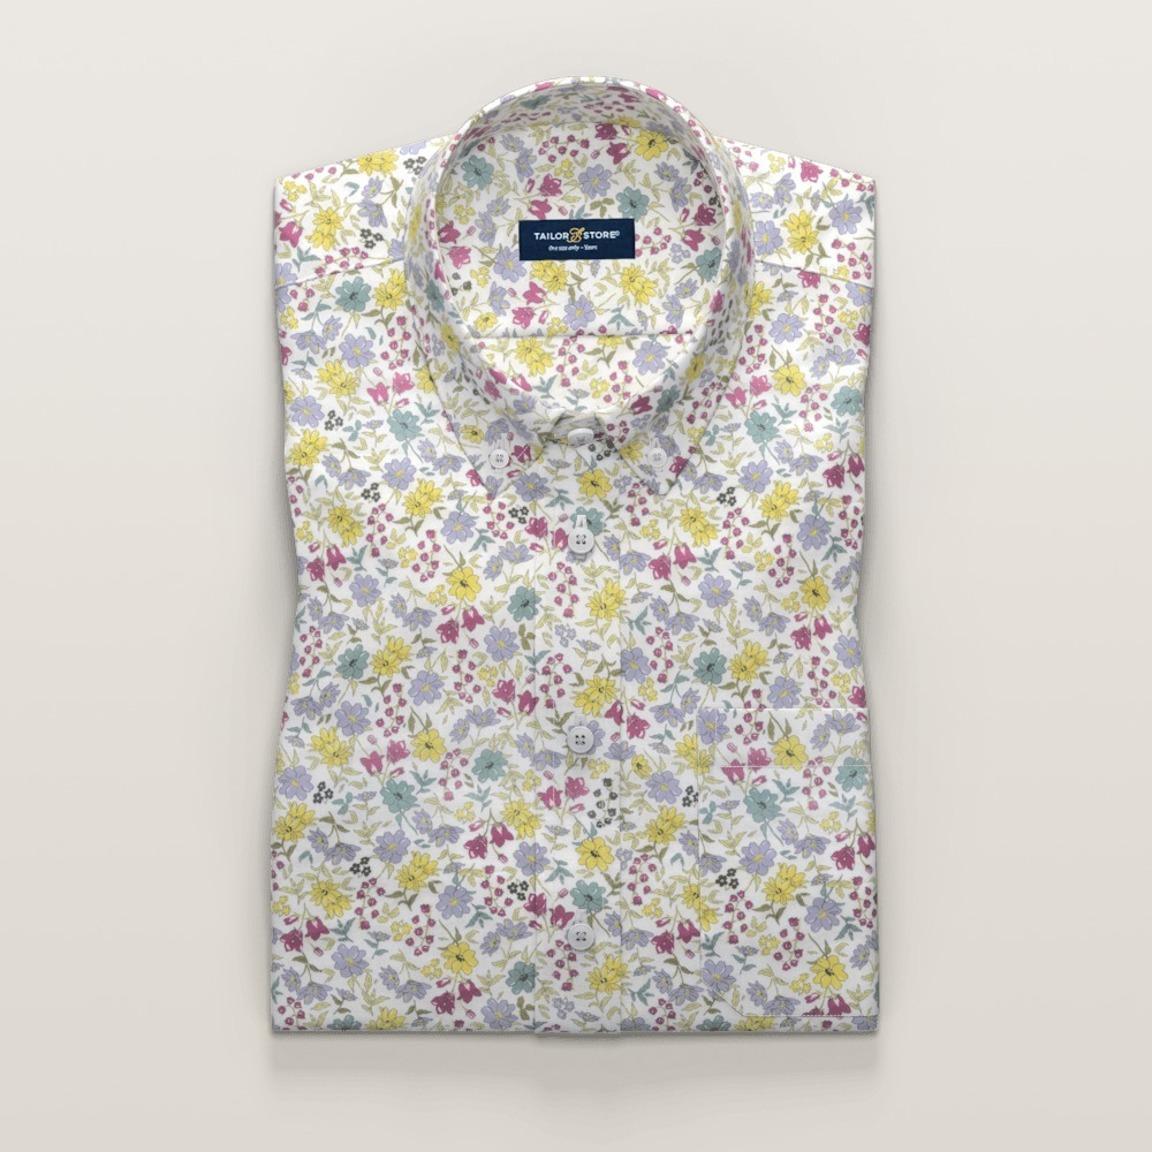 Grön och lila blommig kortärmad skjorta